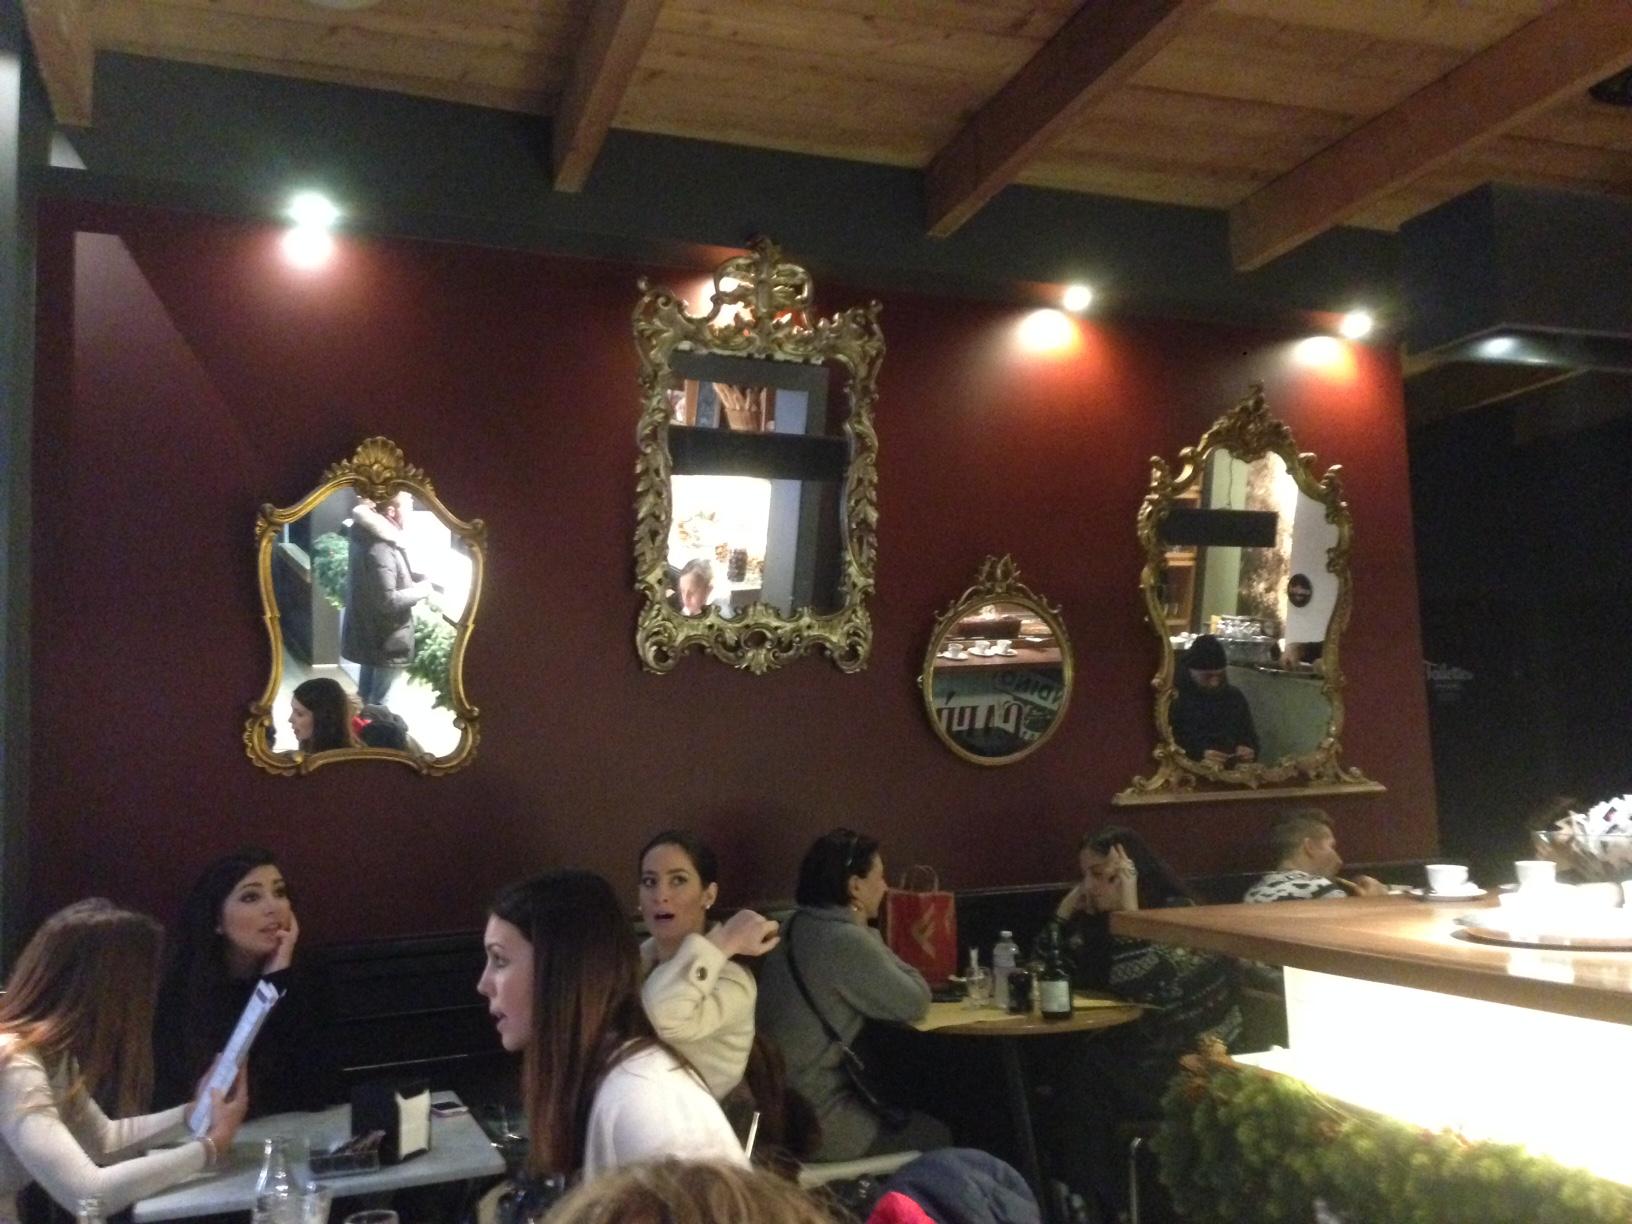 Arredare un bar con le cornici aprire un bar for Arredamento ristorante fallimenti